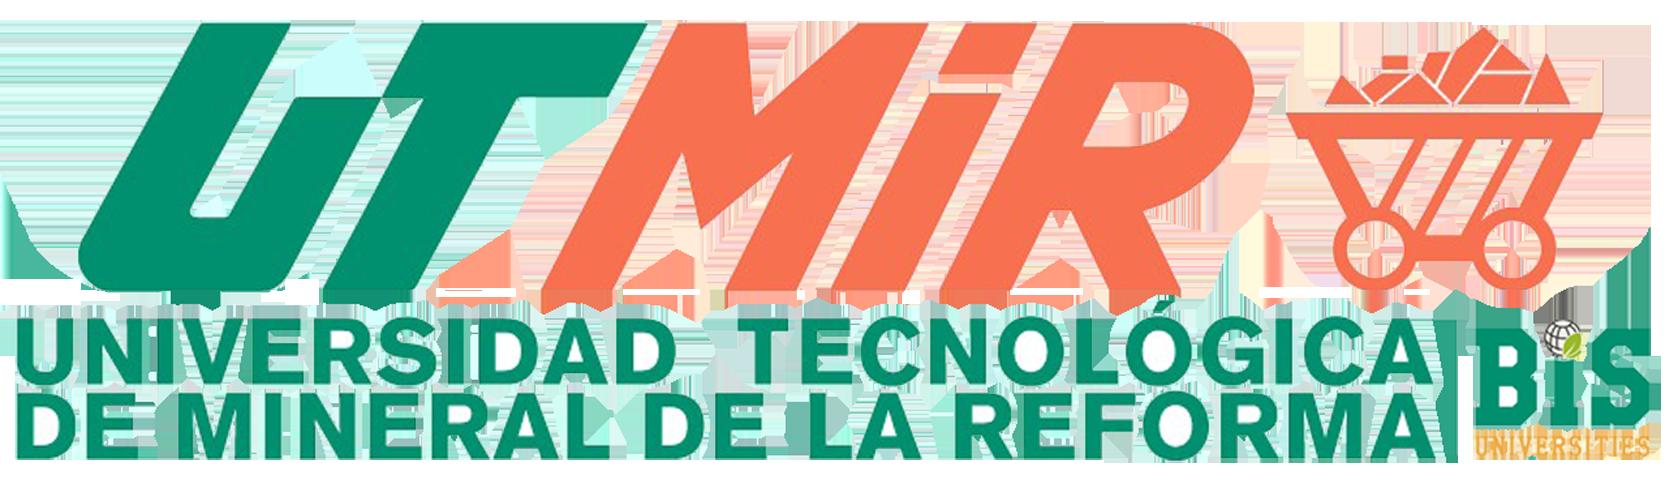 UNIVERSIDAD TECNOLÓGICA DE MINERAL DE LA REFORMA —